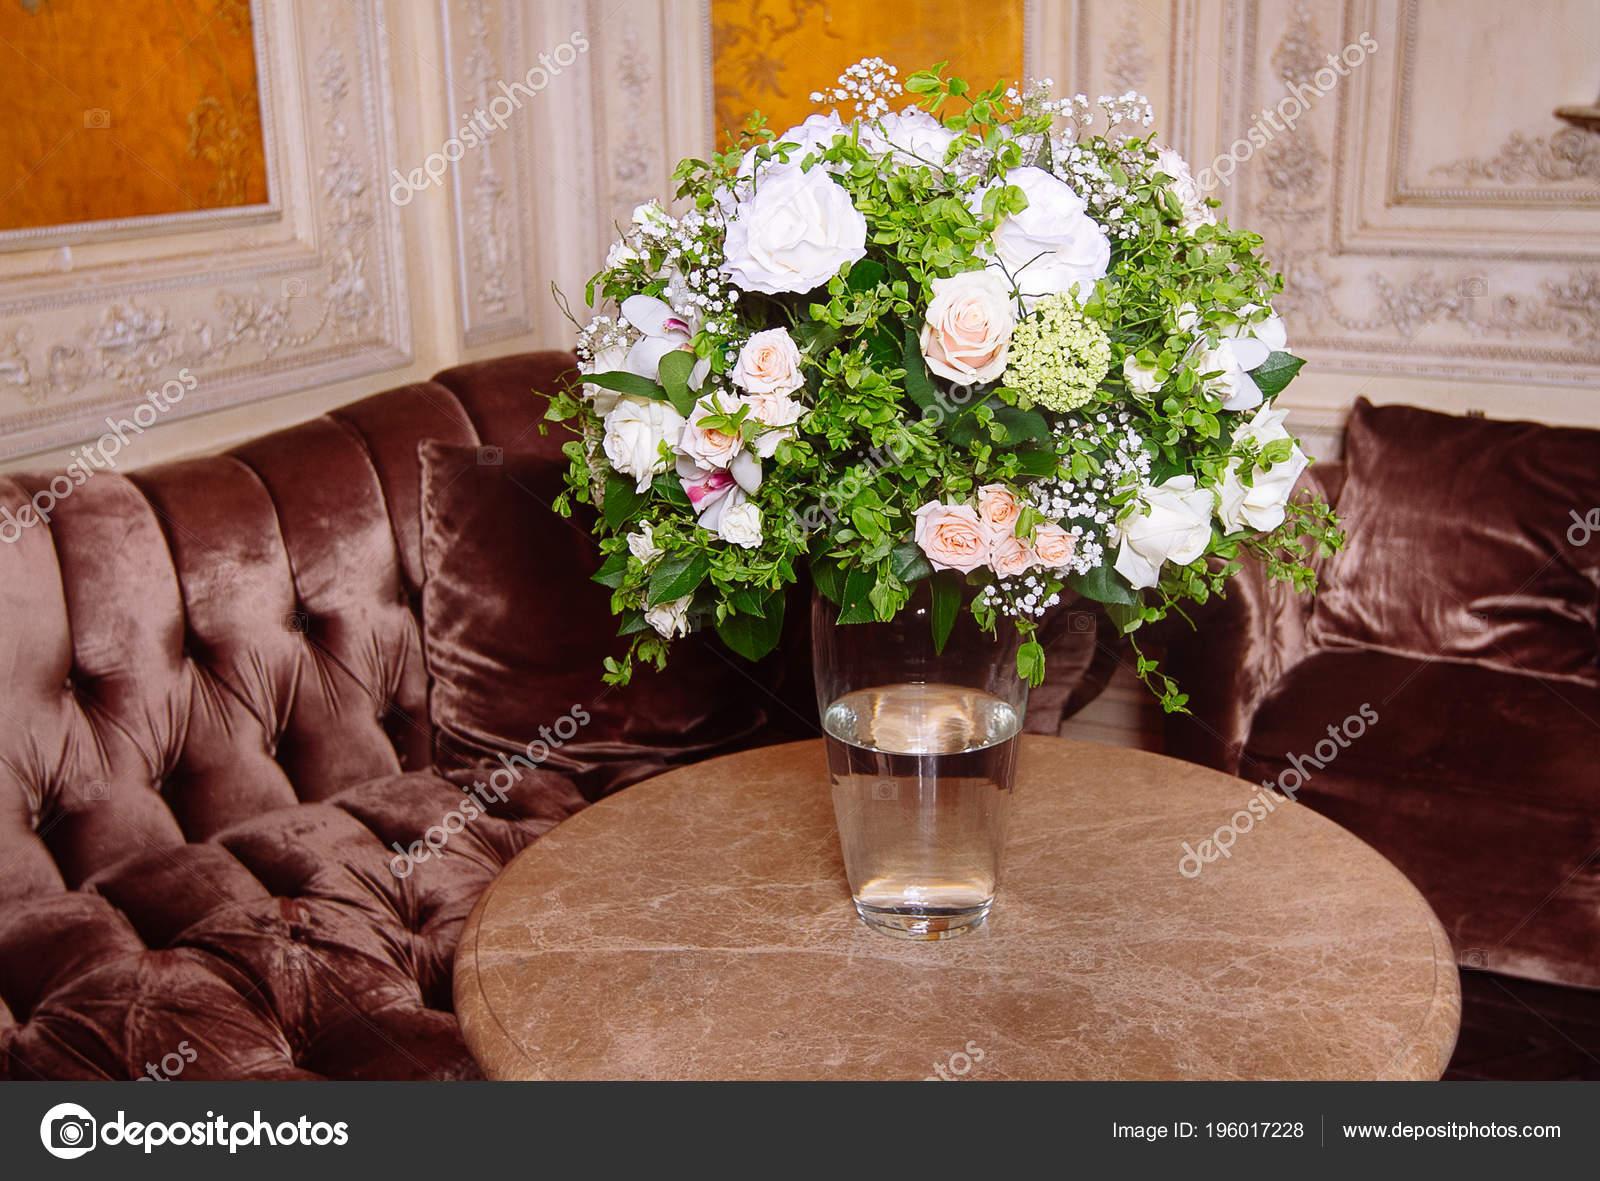 Bouquet Roses Blanches Sur Table Marbre Intérieur Style Baroque